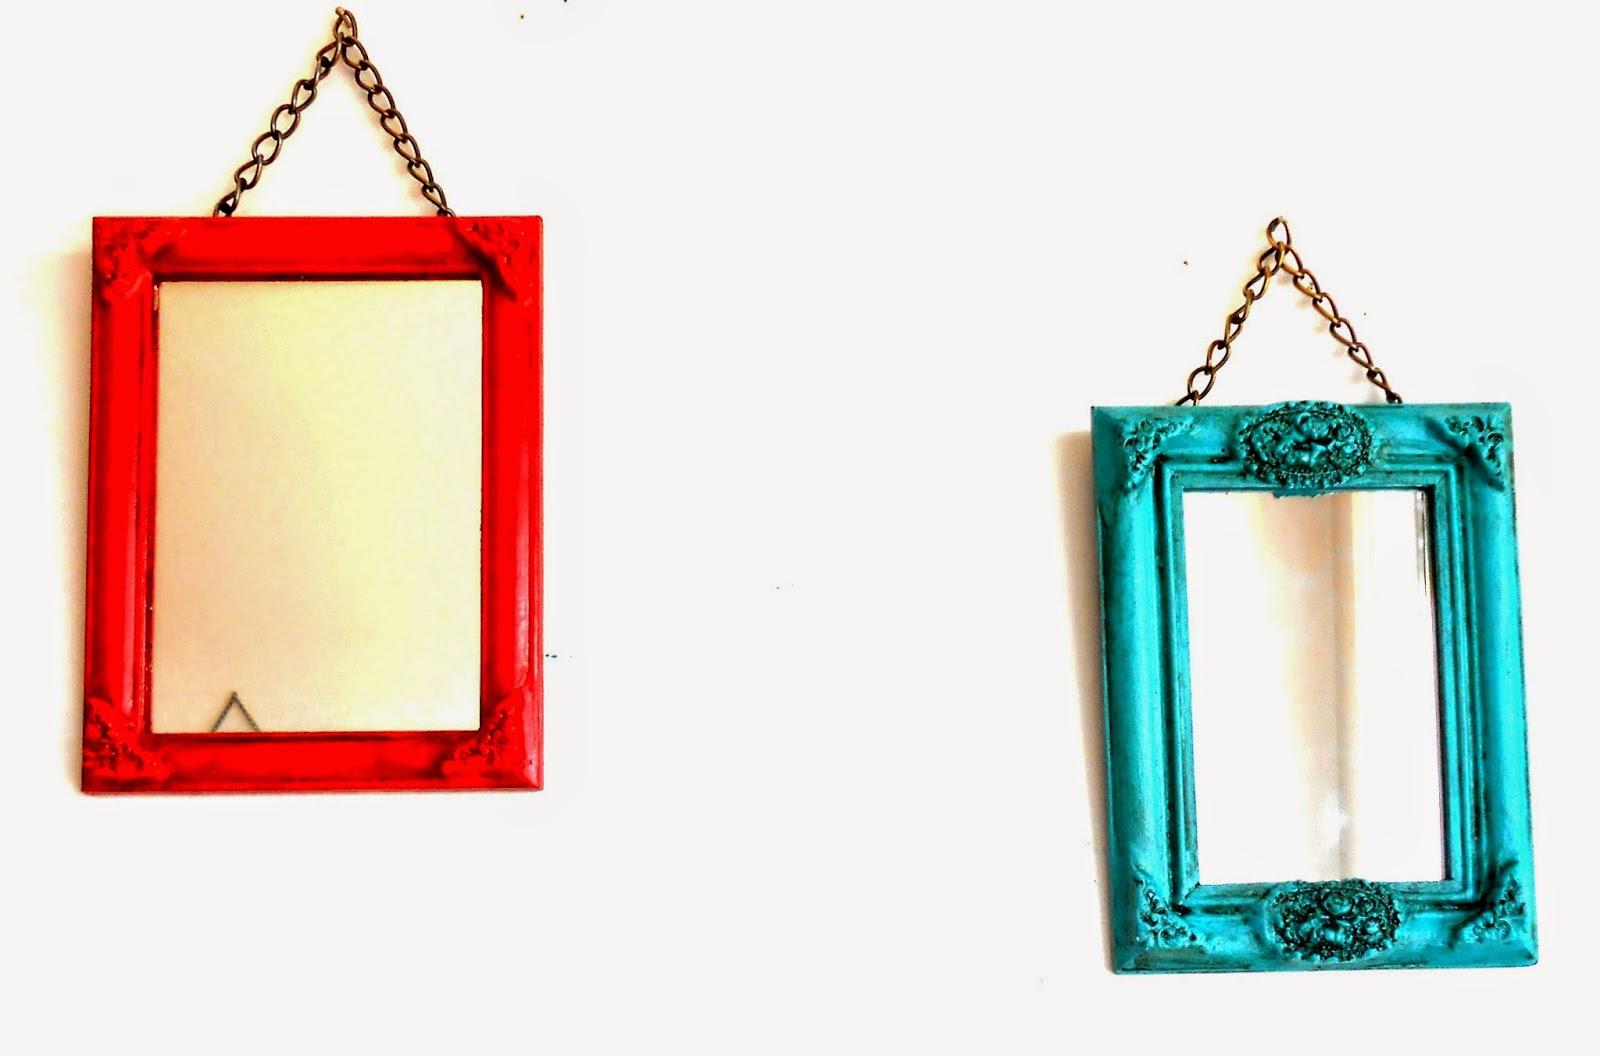 mientras que los espejos grandes casi nunca se vern mal evita poner un muy pequeo en una pared grande